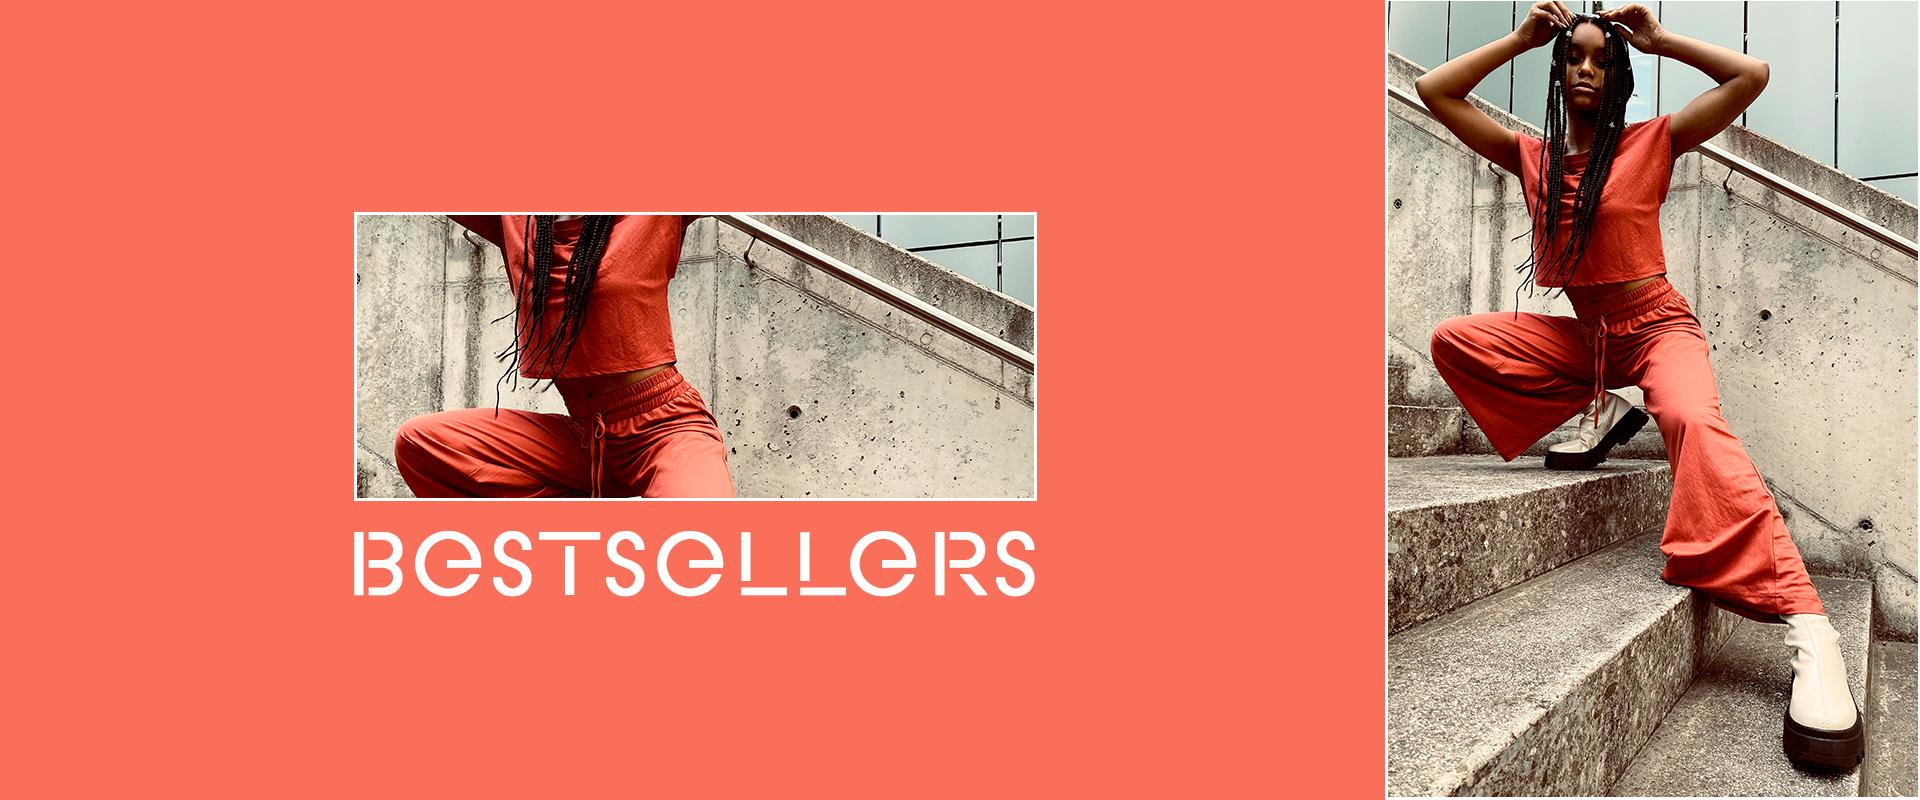 bestseller - ŽENA